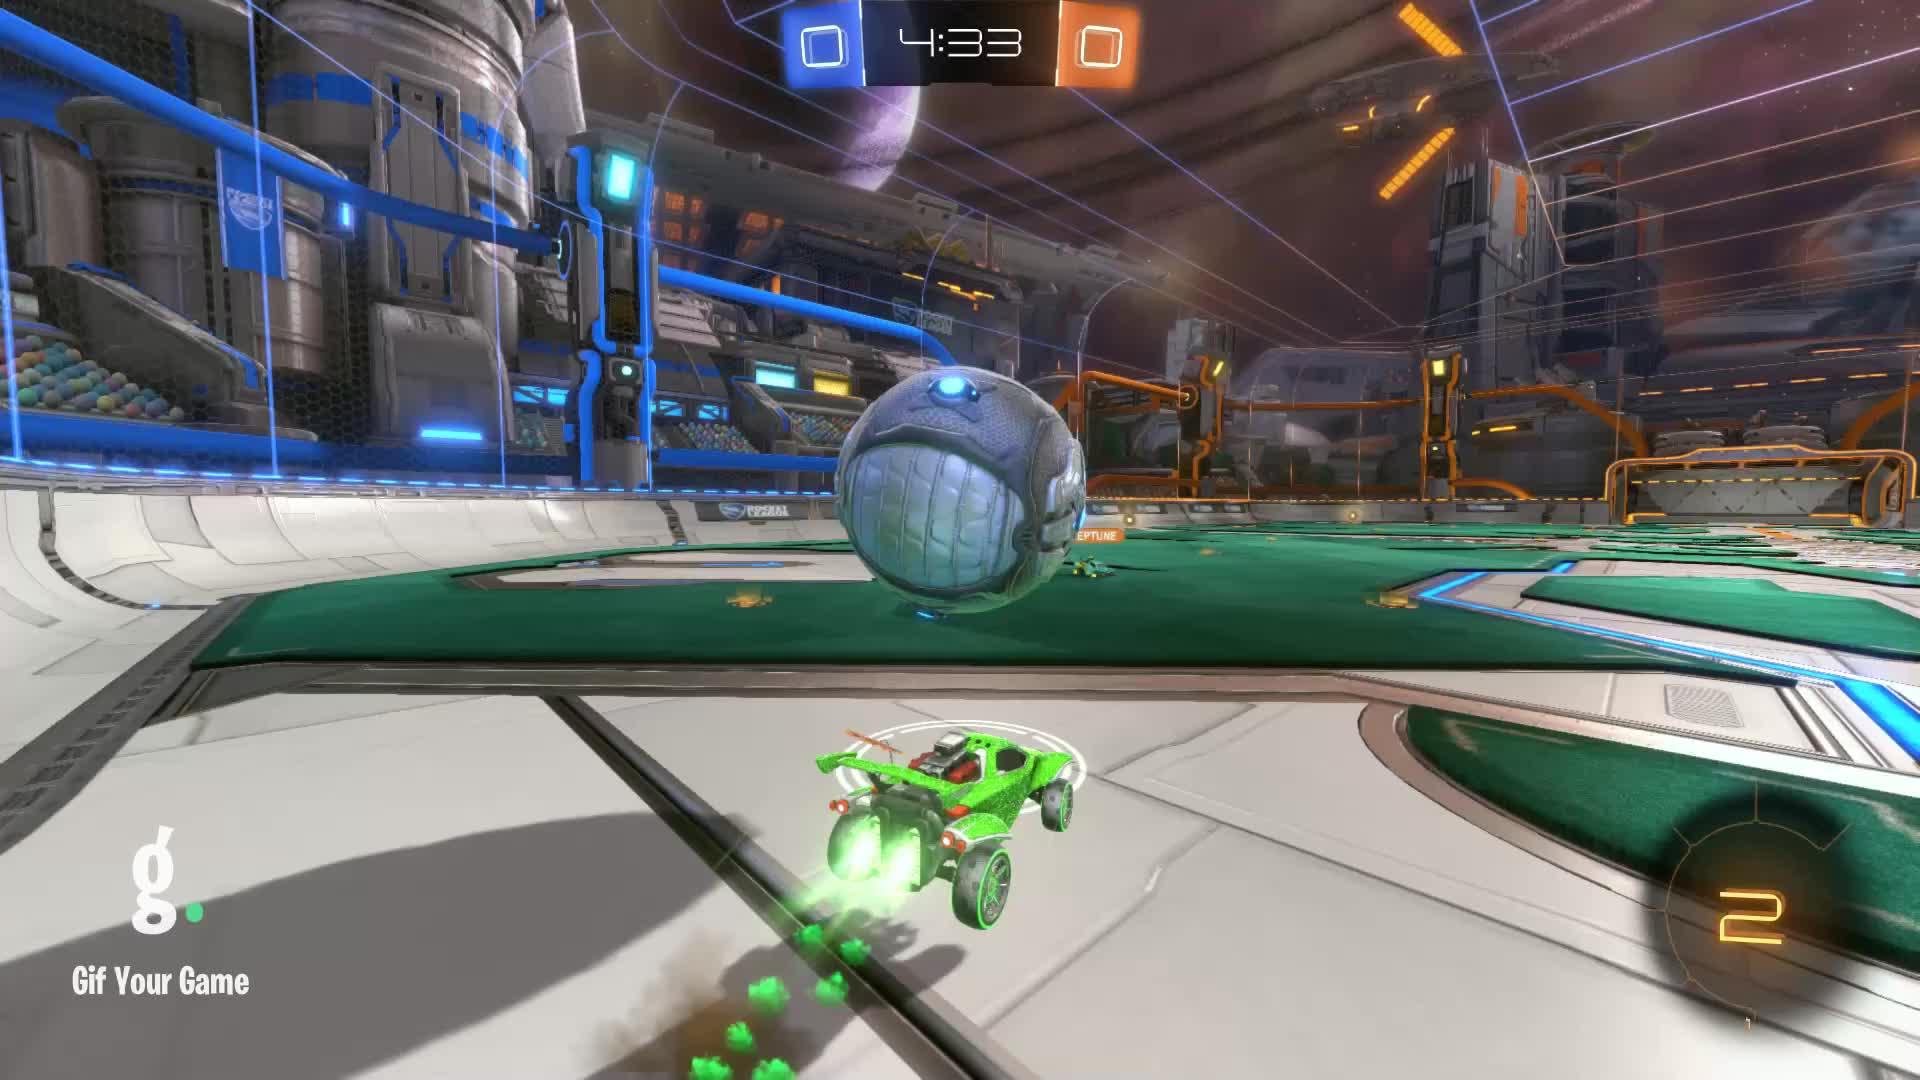 A A ron, Gif Your Game, GifYourGame, Goal, Rocket League, RocketLeague, Goal 1: A A ron GIFs